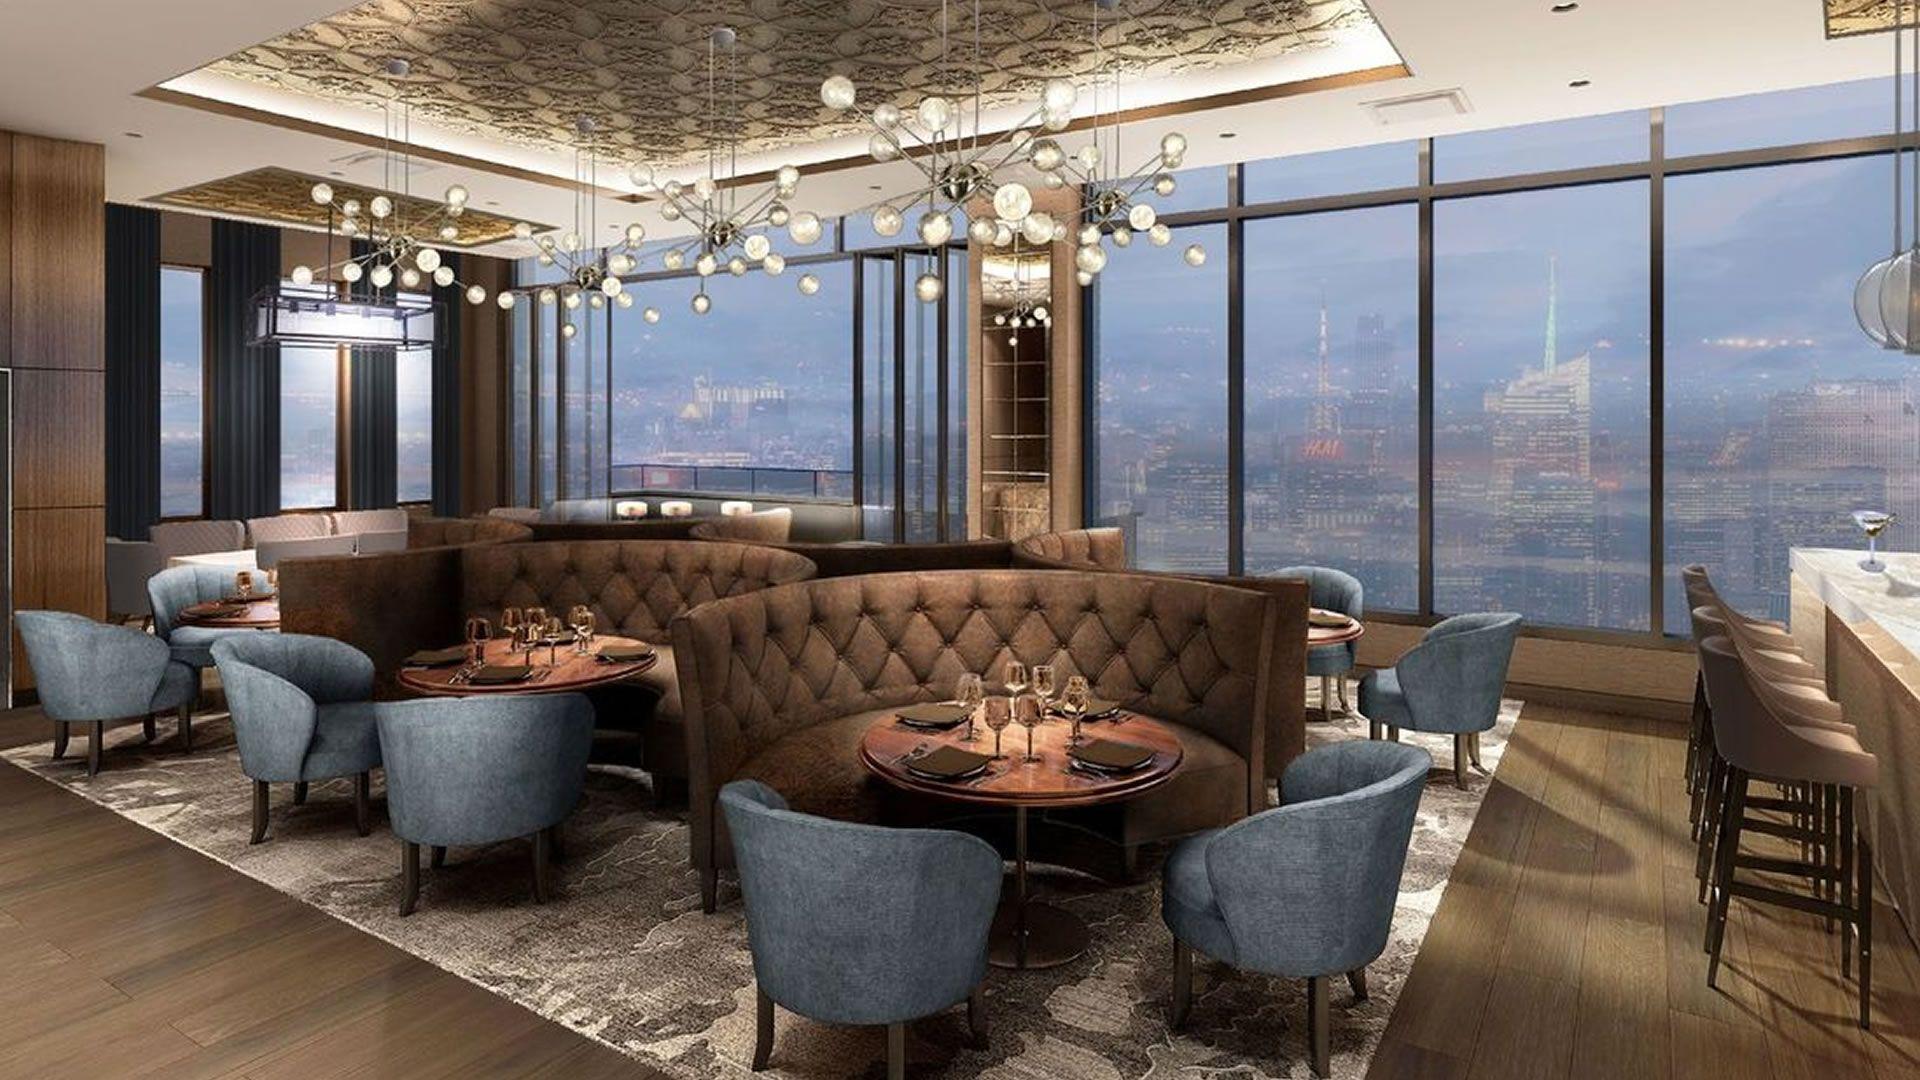 El bar abierto más alto de Nueva York se prepara para inaugurar